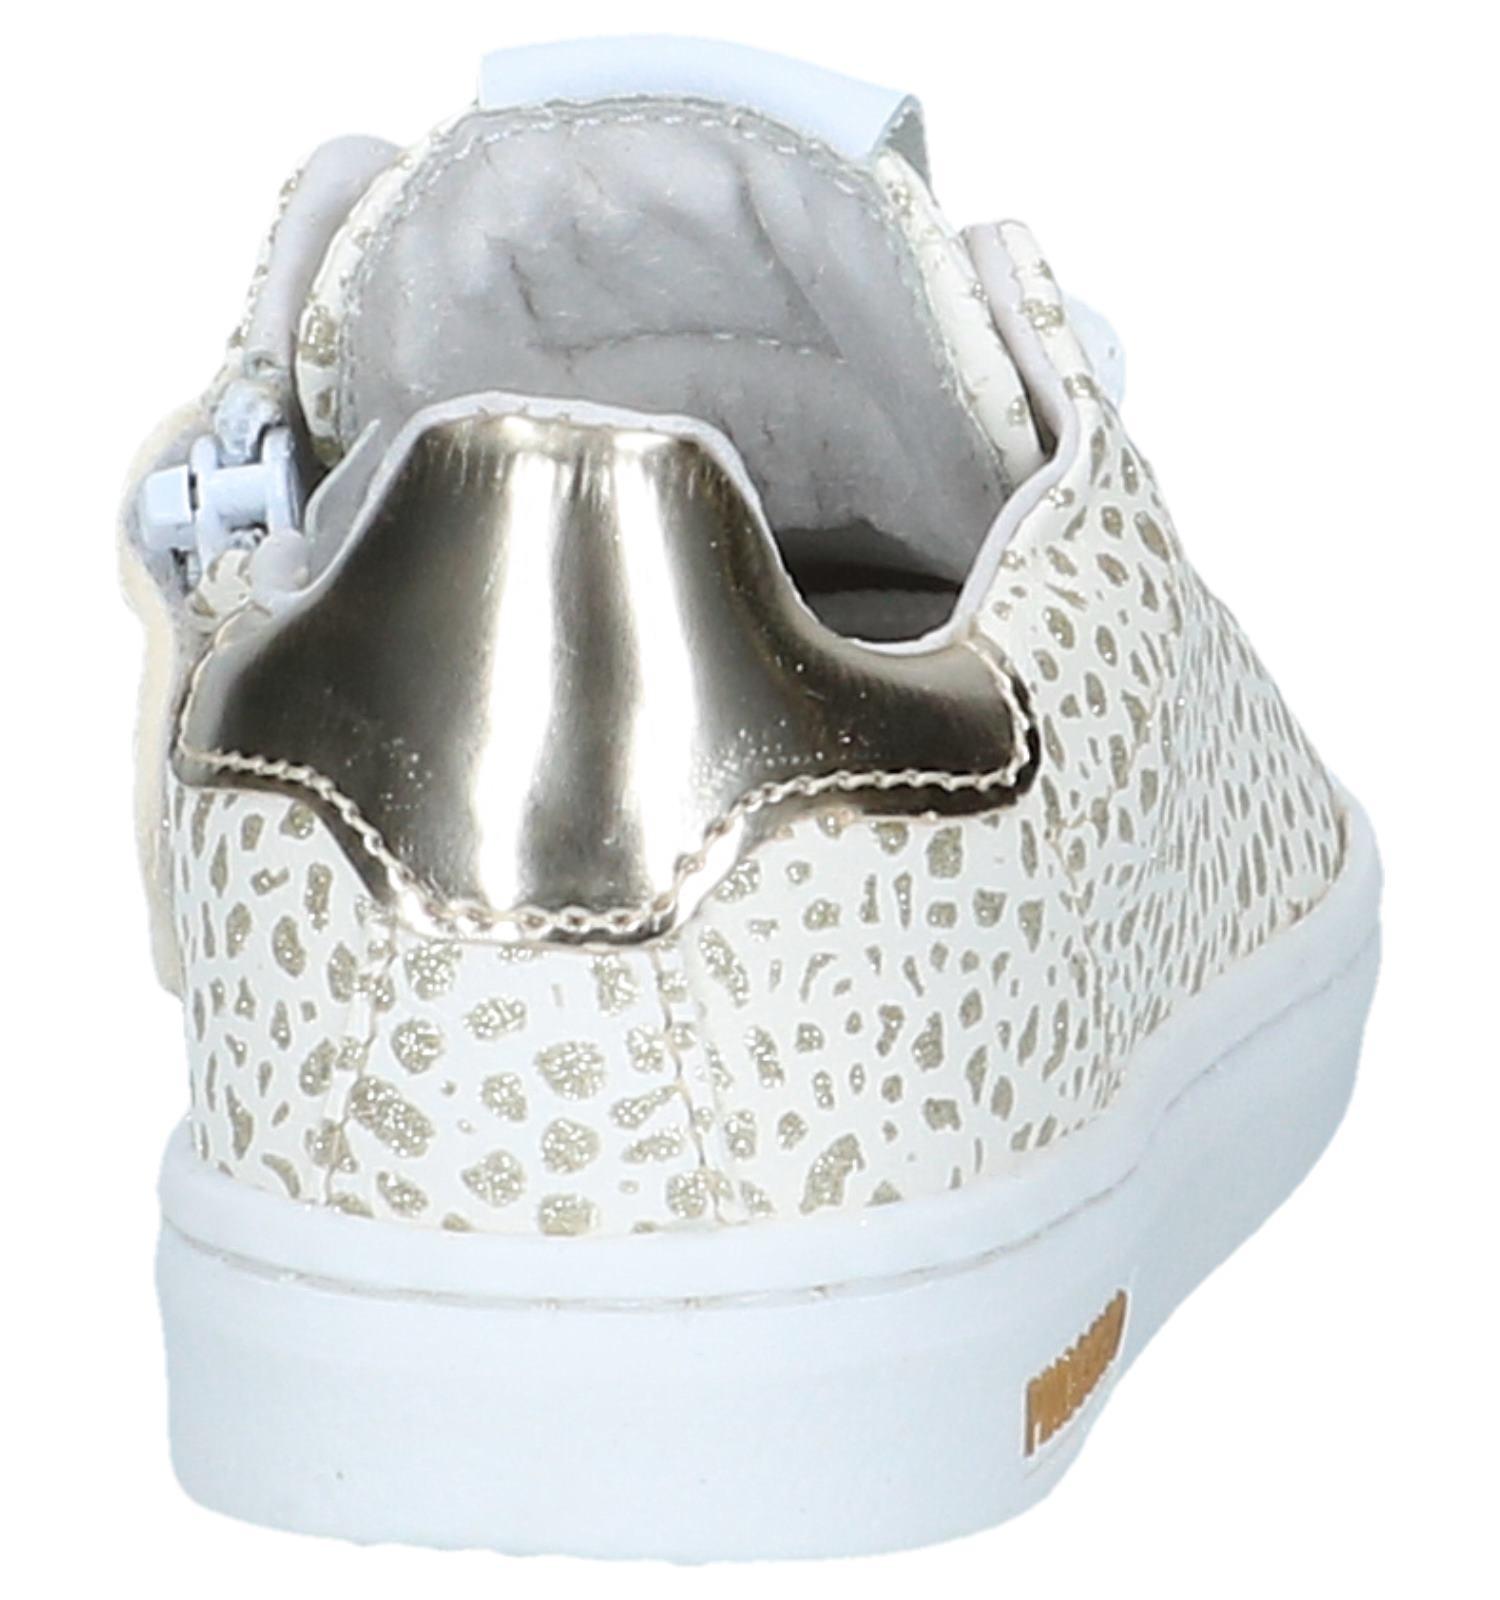 Witte Sneakers met RitsVeter Pinocchio | SCHOENENTORFS.NL